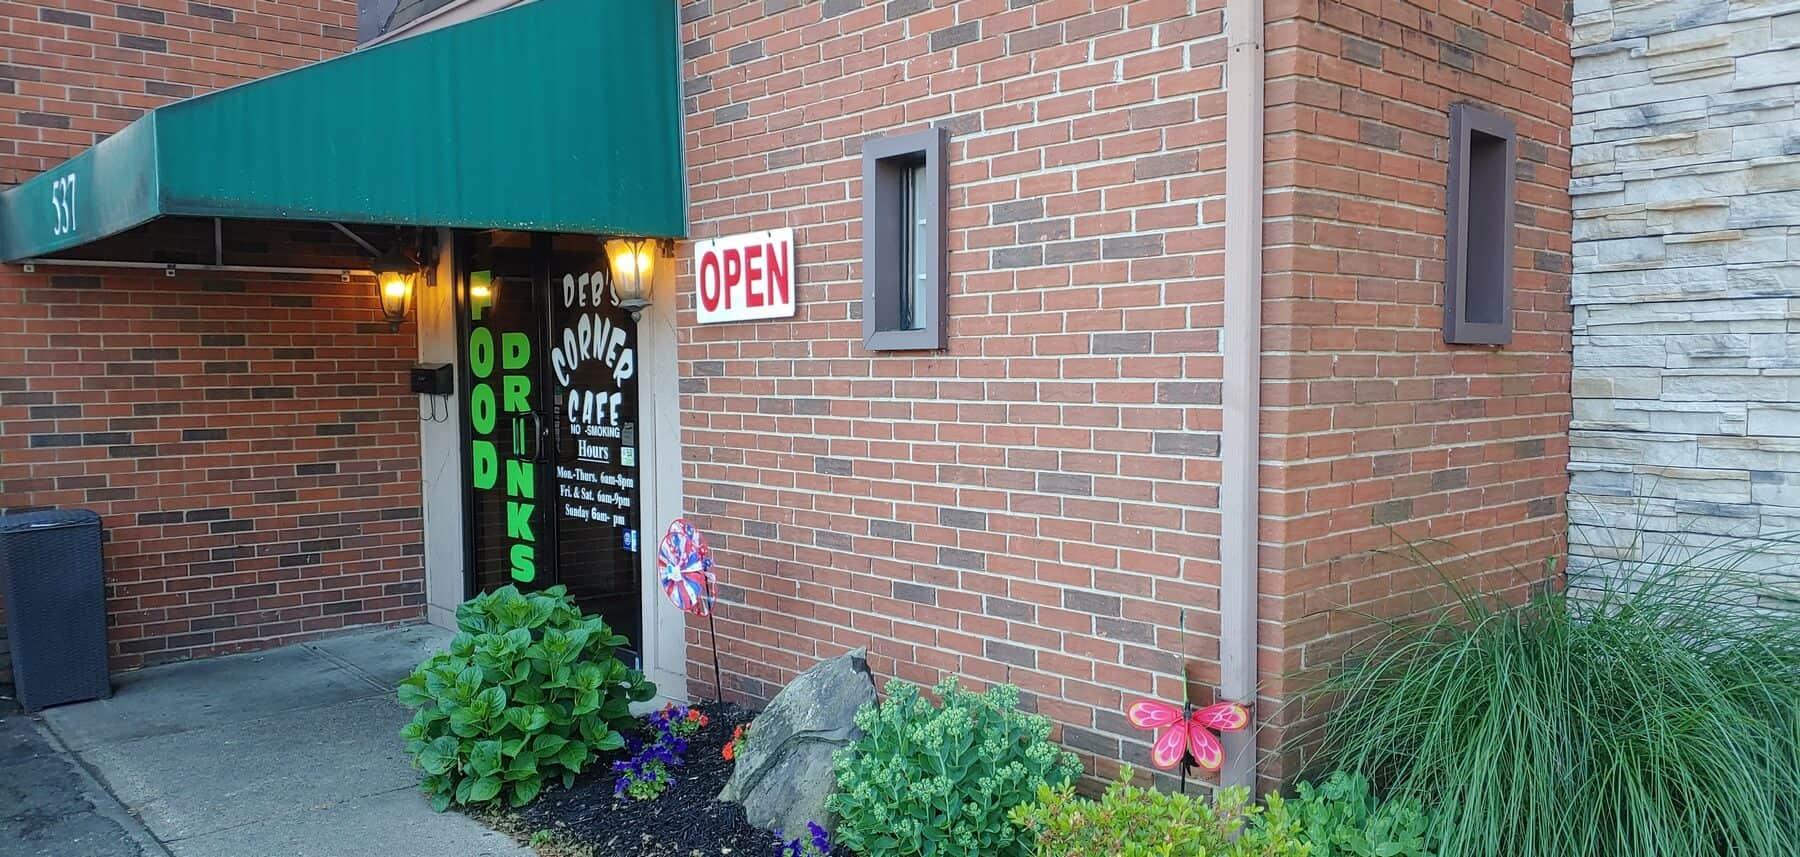 Deb's Corner Cafe